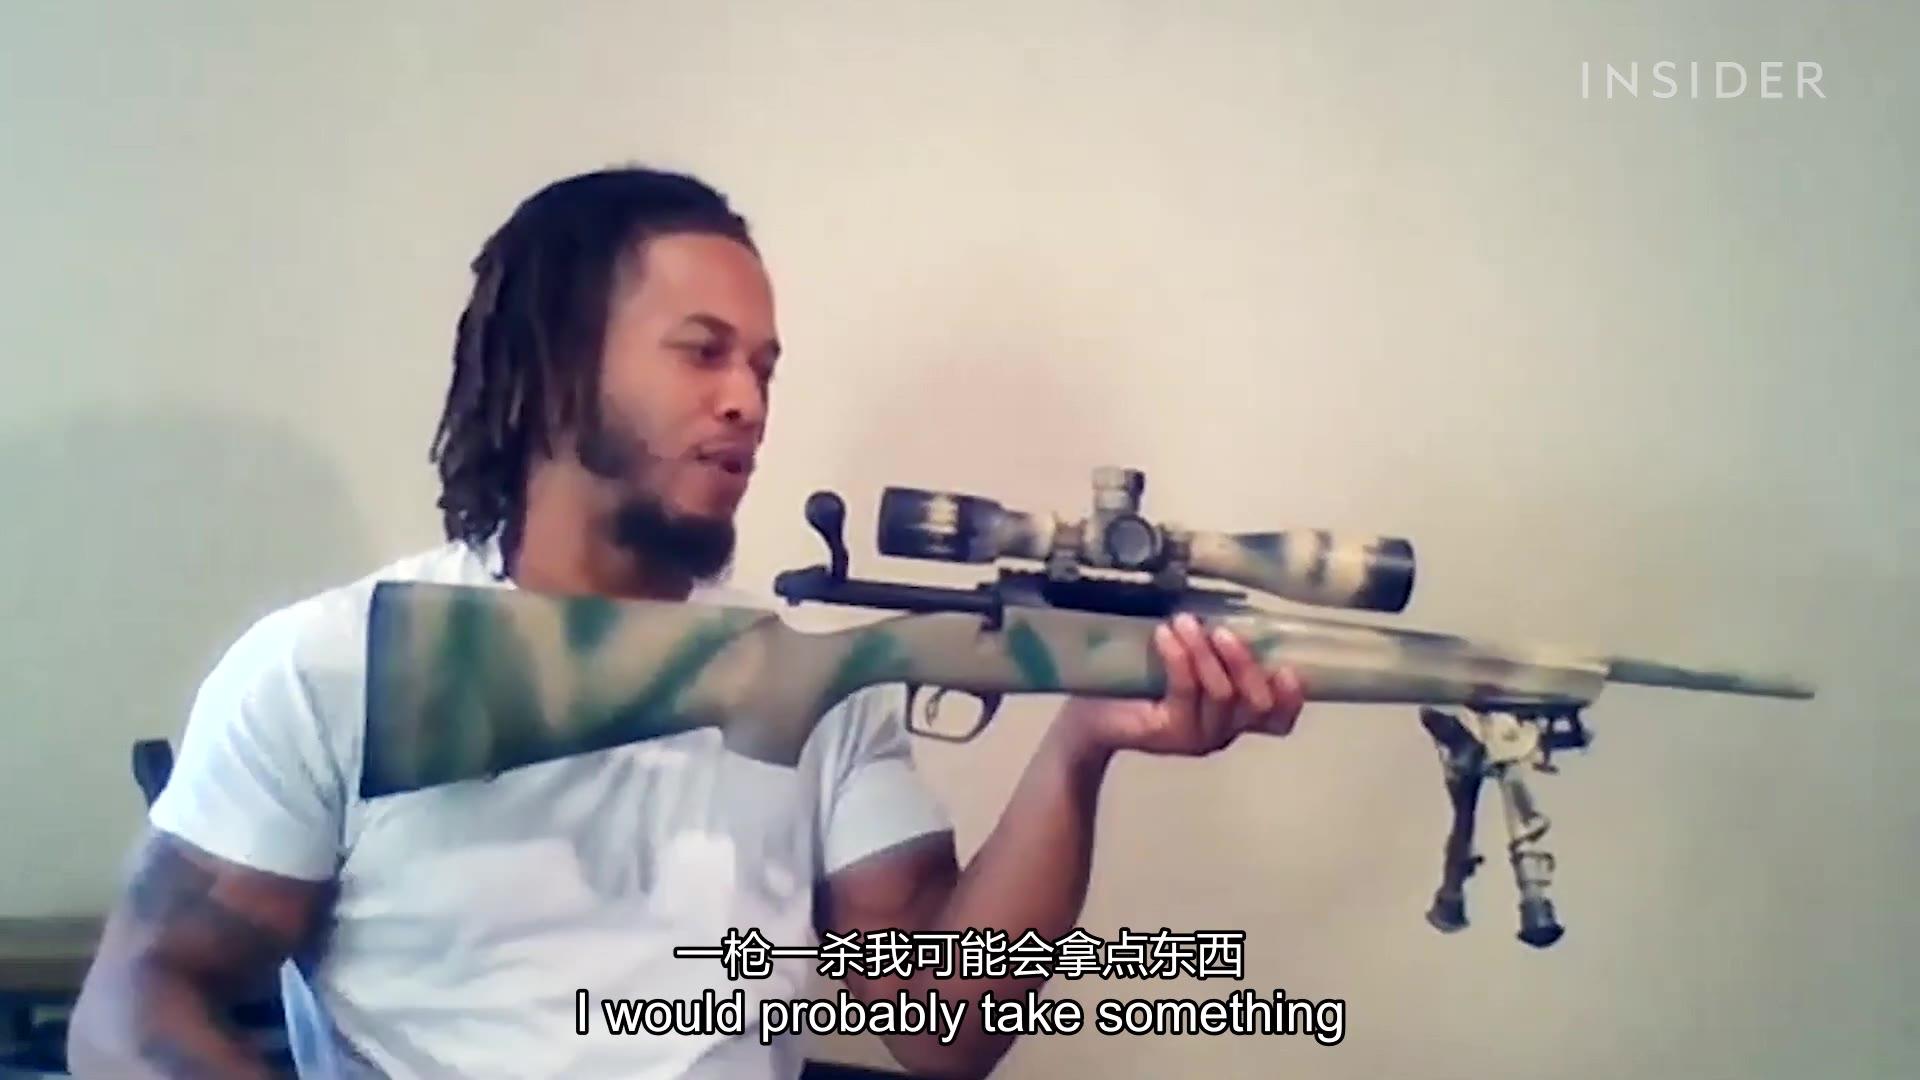 真正的狙击手怎么看电影中的狙击场面